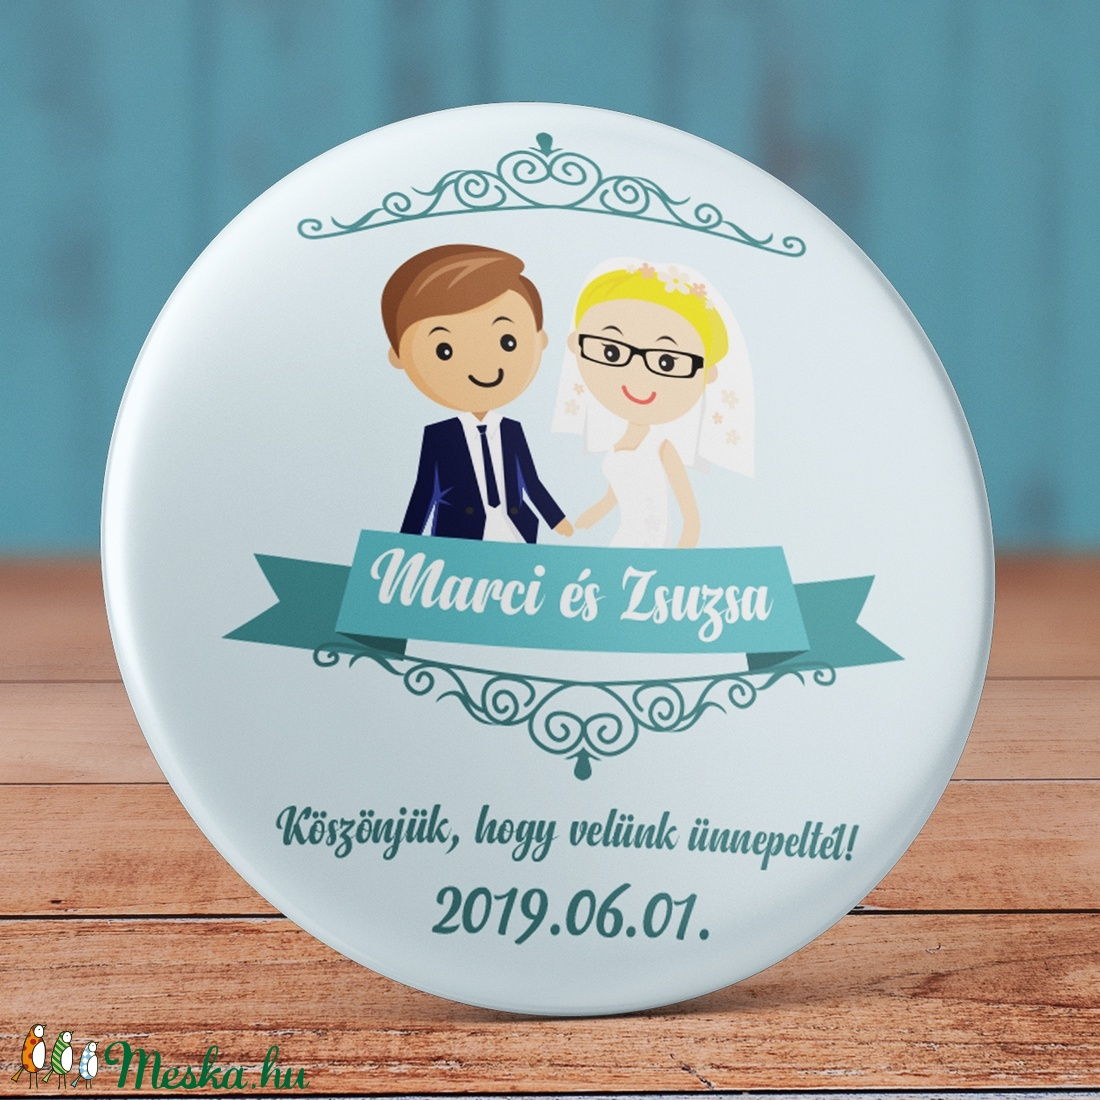 96b8397094 Foglalt Zsuzsa0922 - Esküvői köszönet ajándék hűtőmágnes - Esküvői  köszönőajándék mágnes